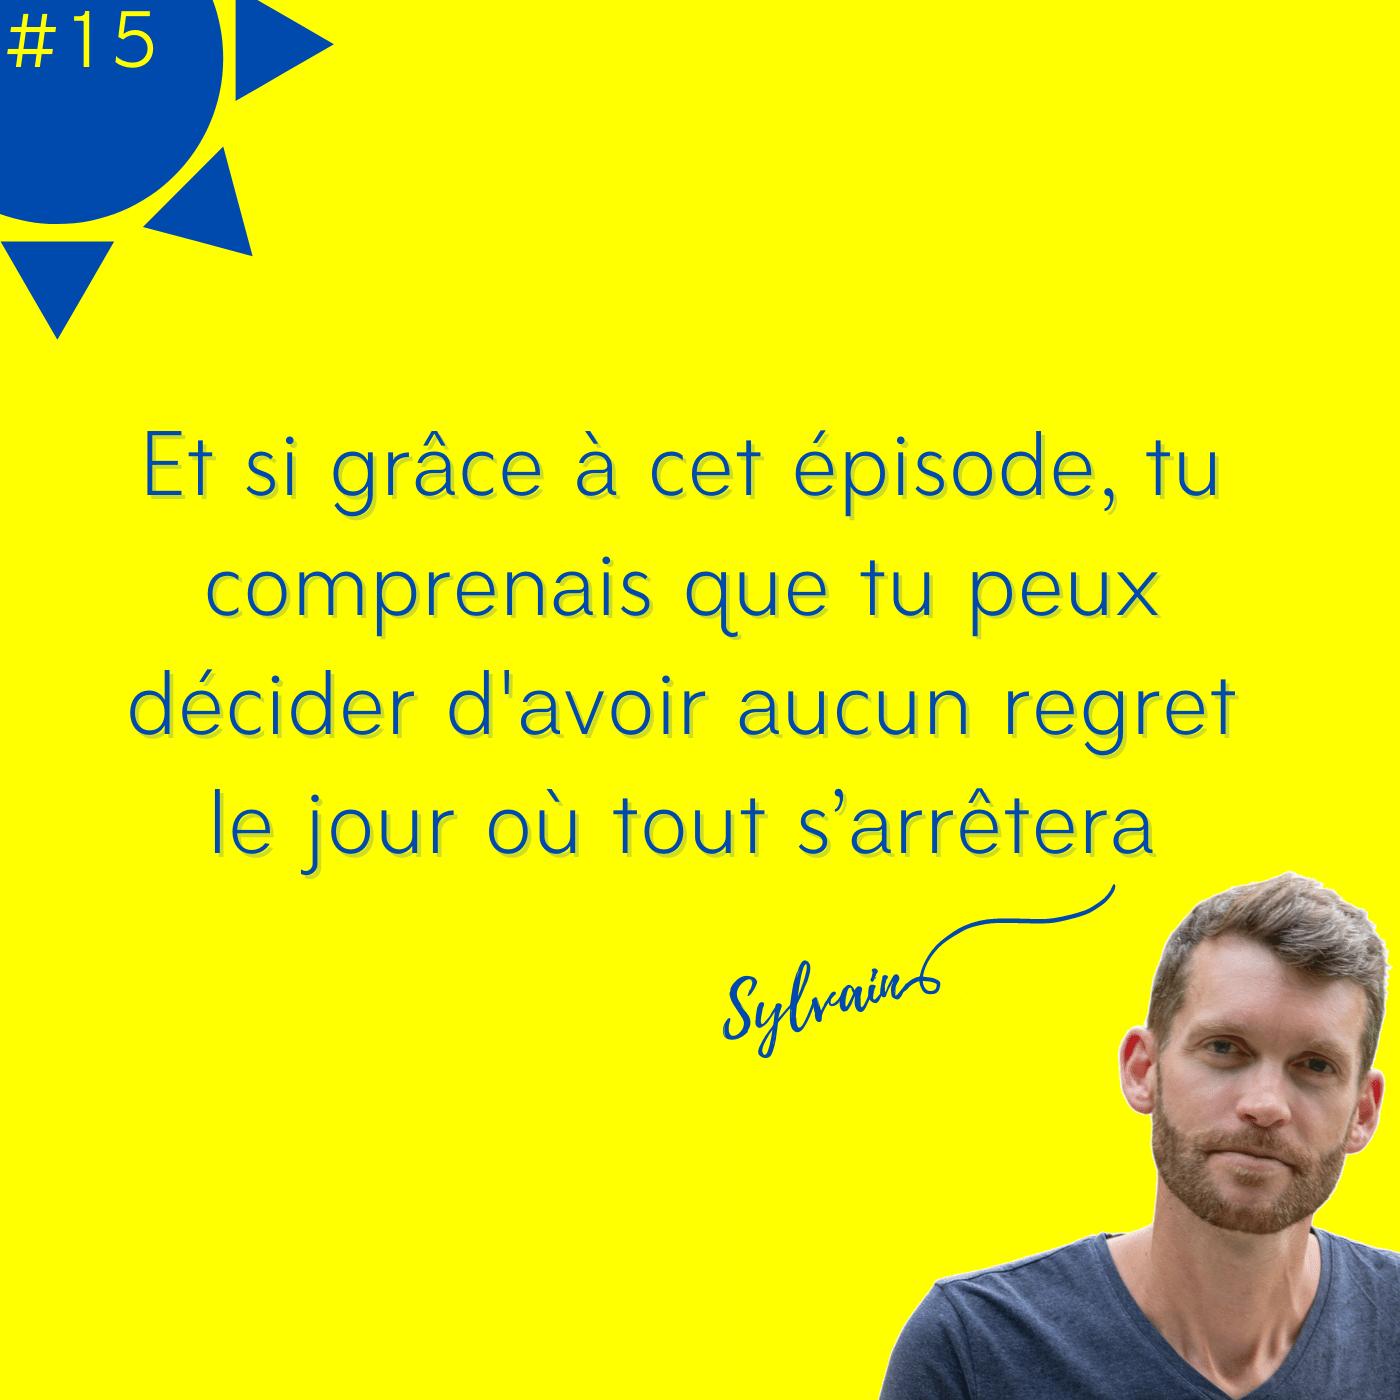 episode S1E97